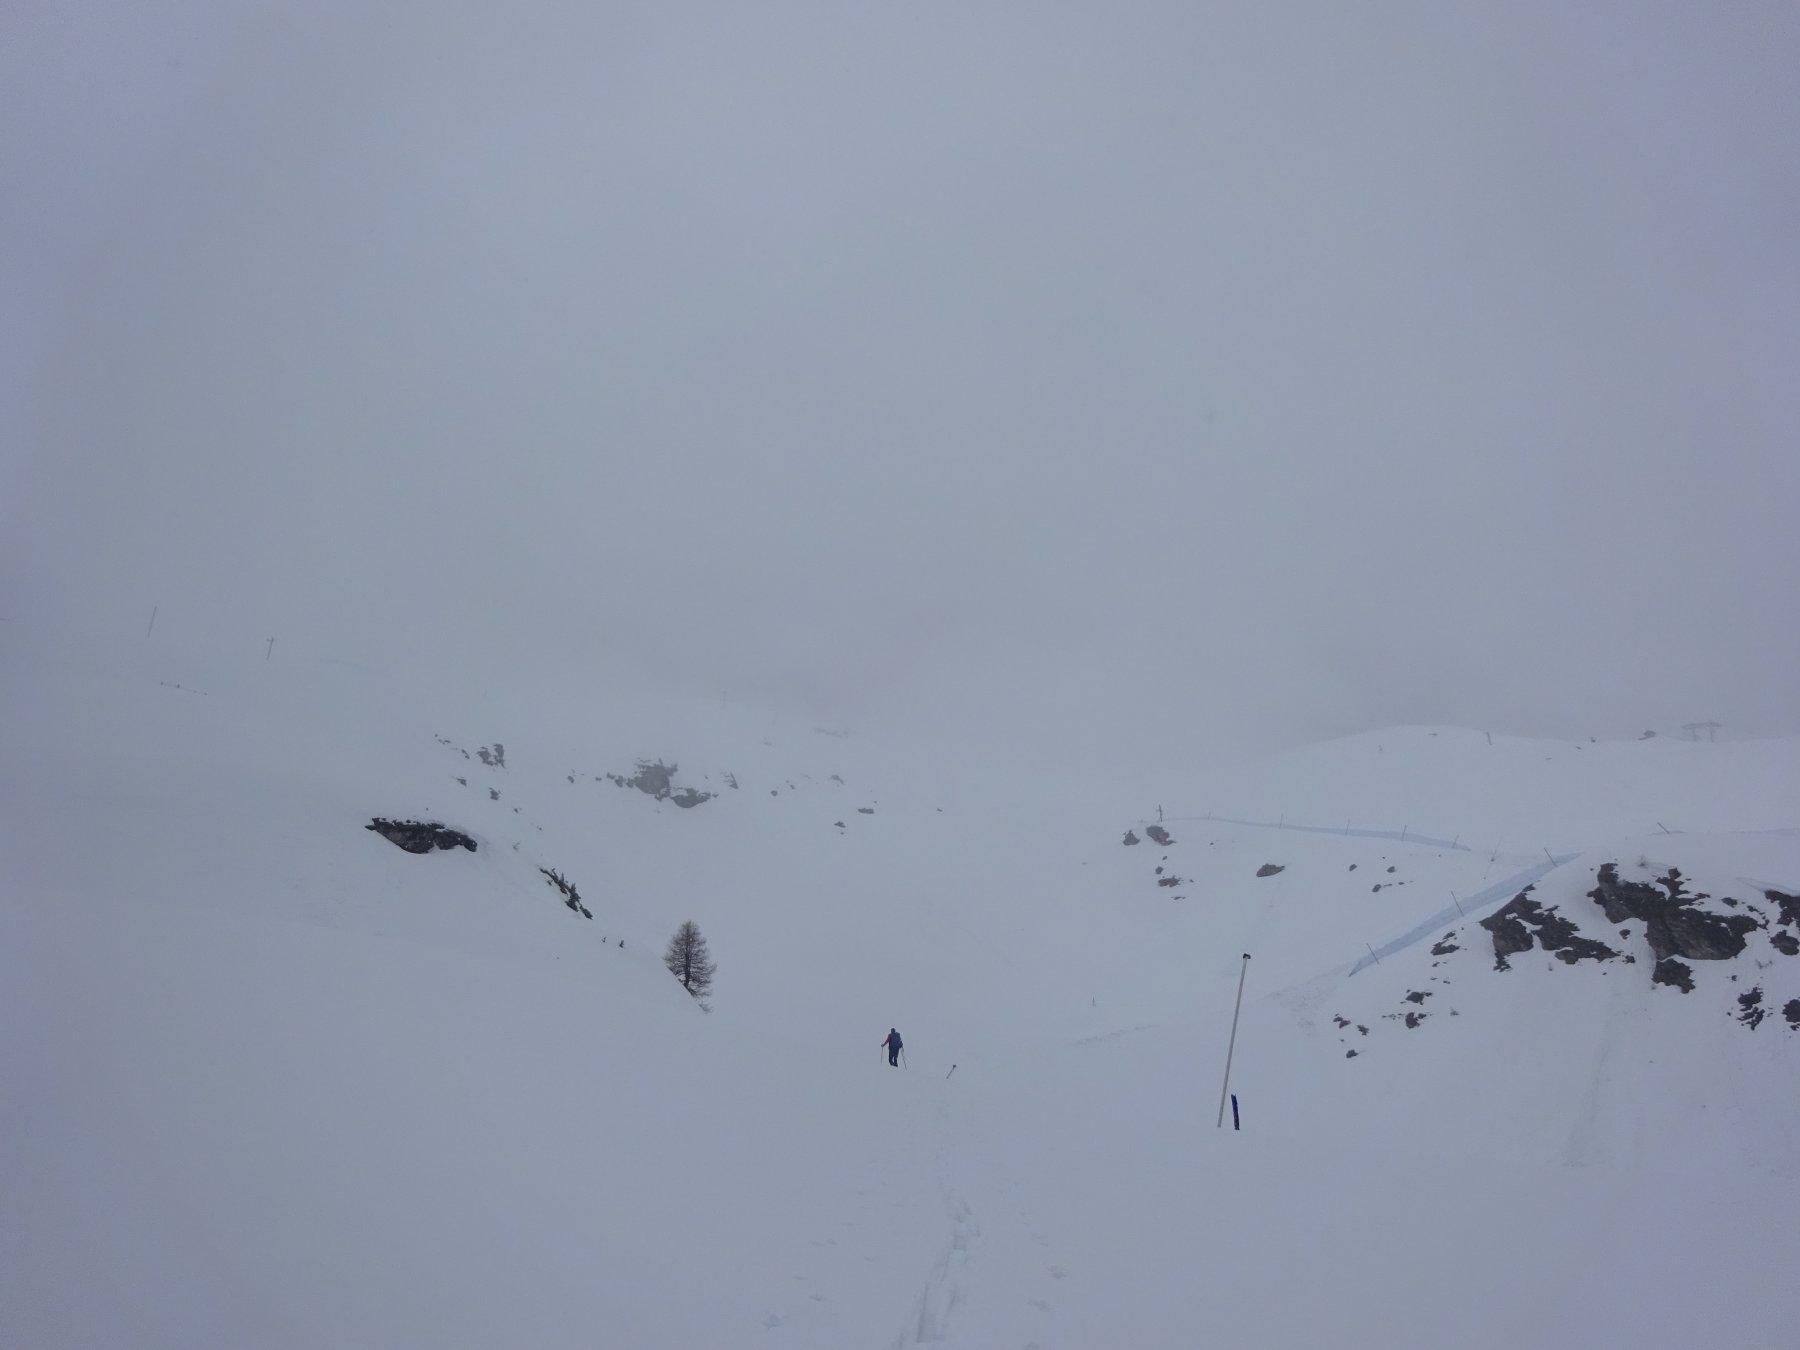 Si comincia a salire sotto una leggera nevicata